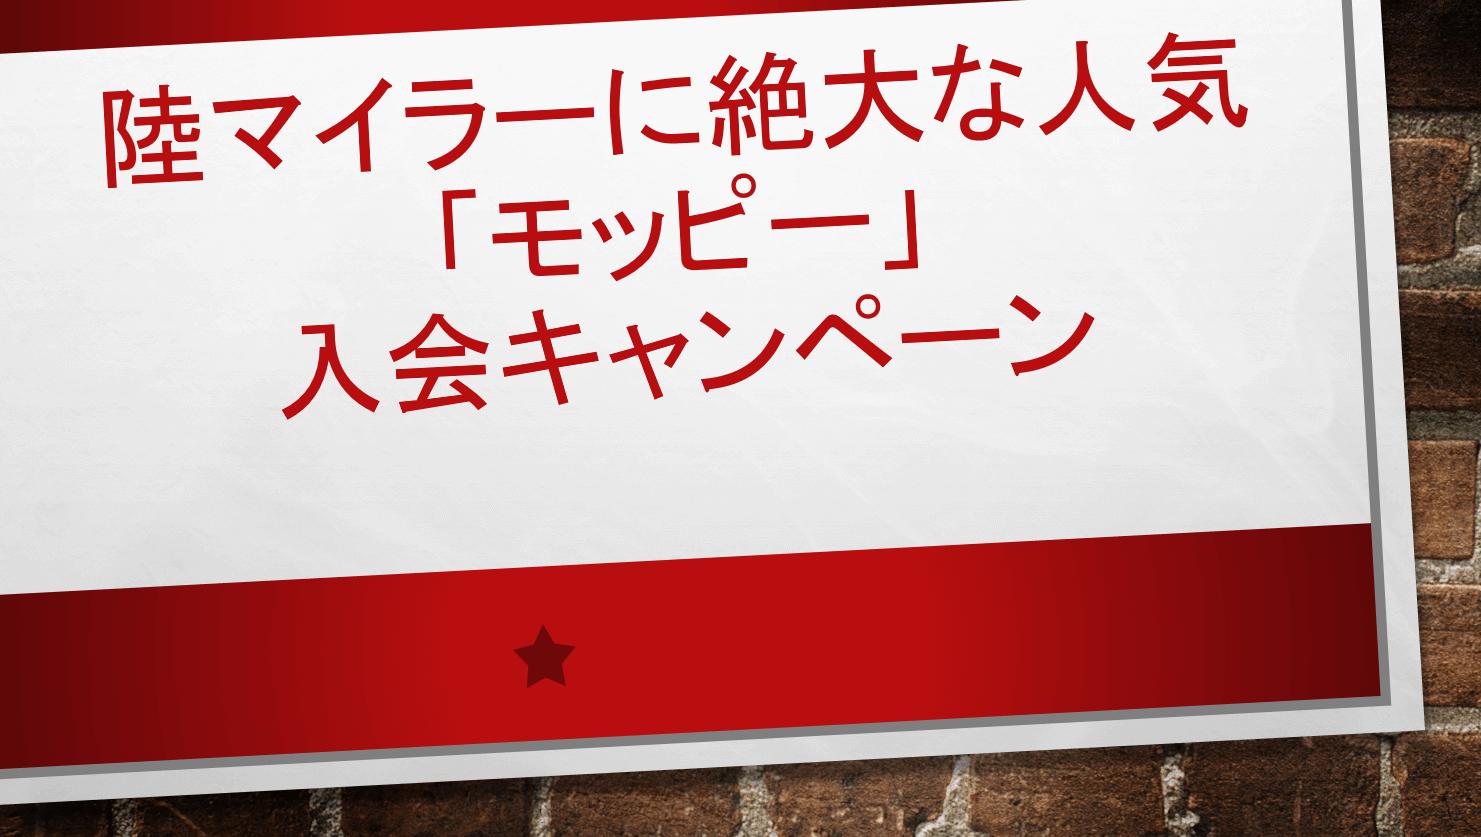 モッピー新規入会紹介キャンペーン